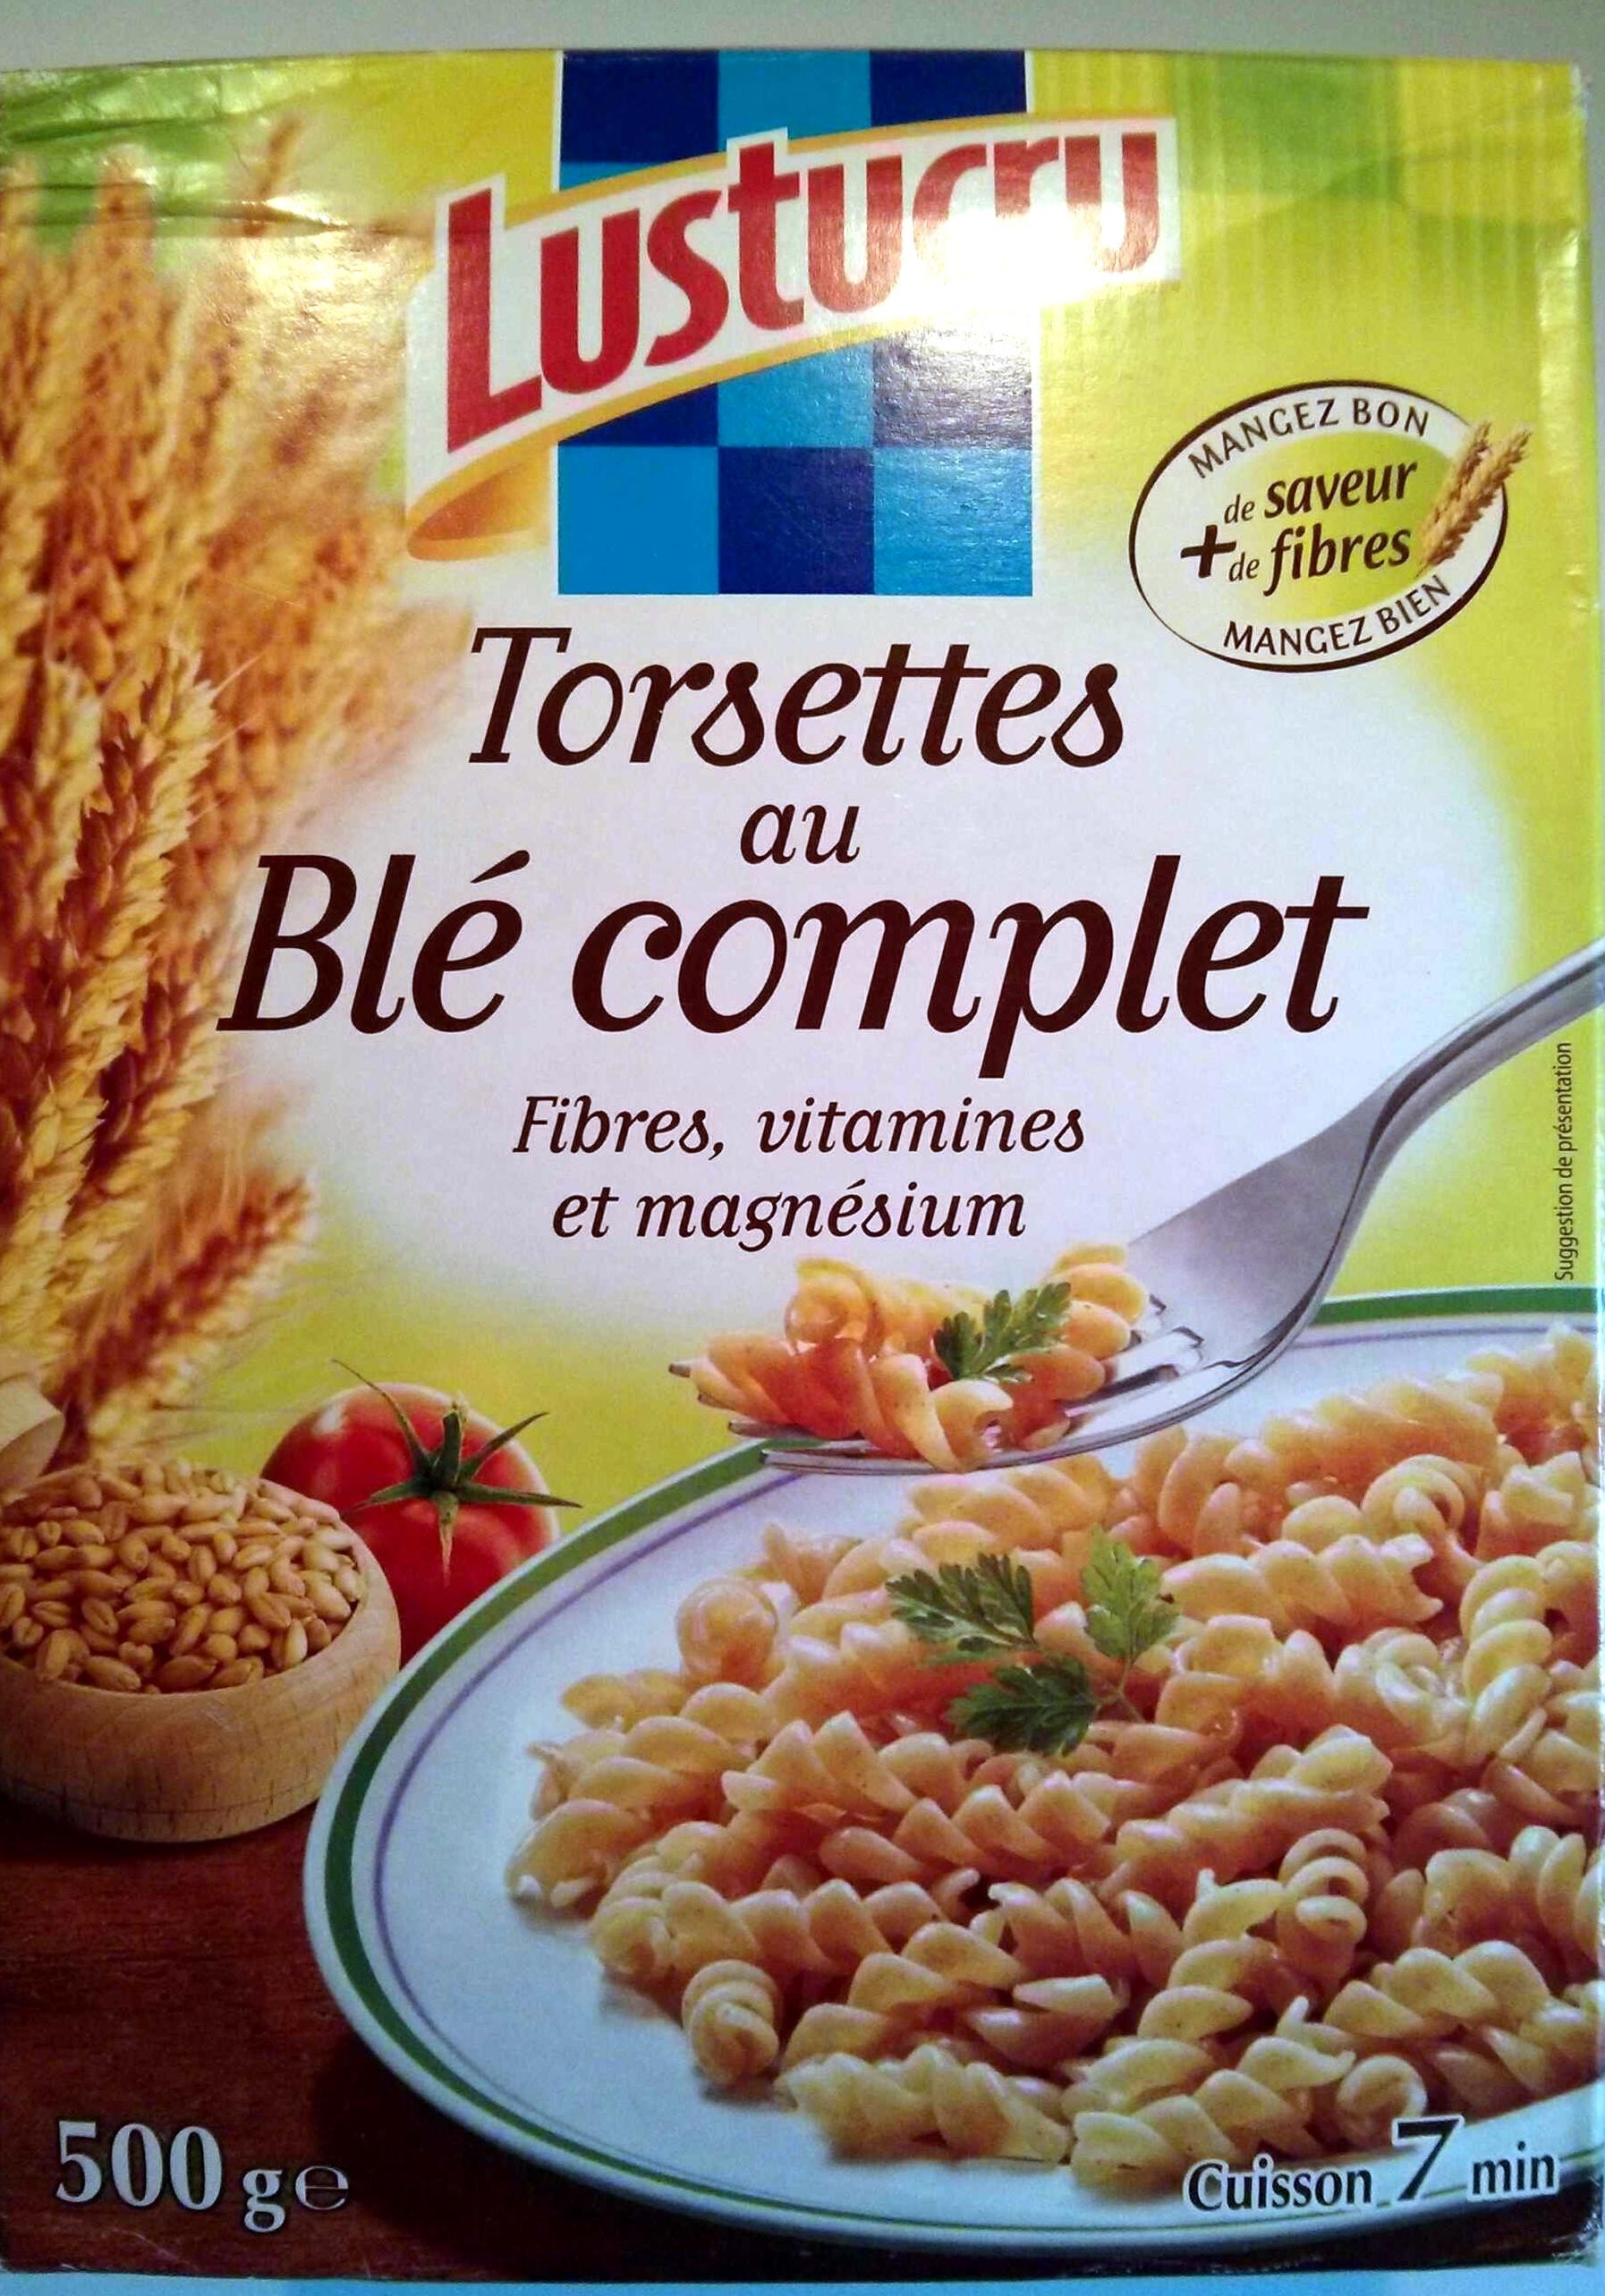 Torsettes au Blé complet - Produit